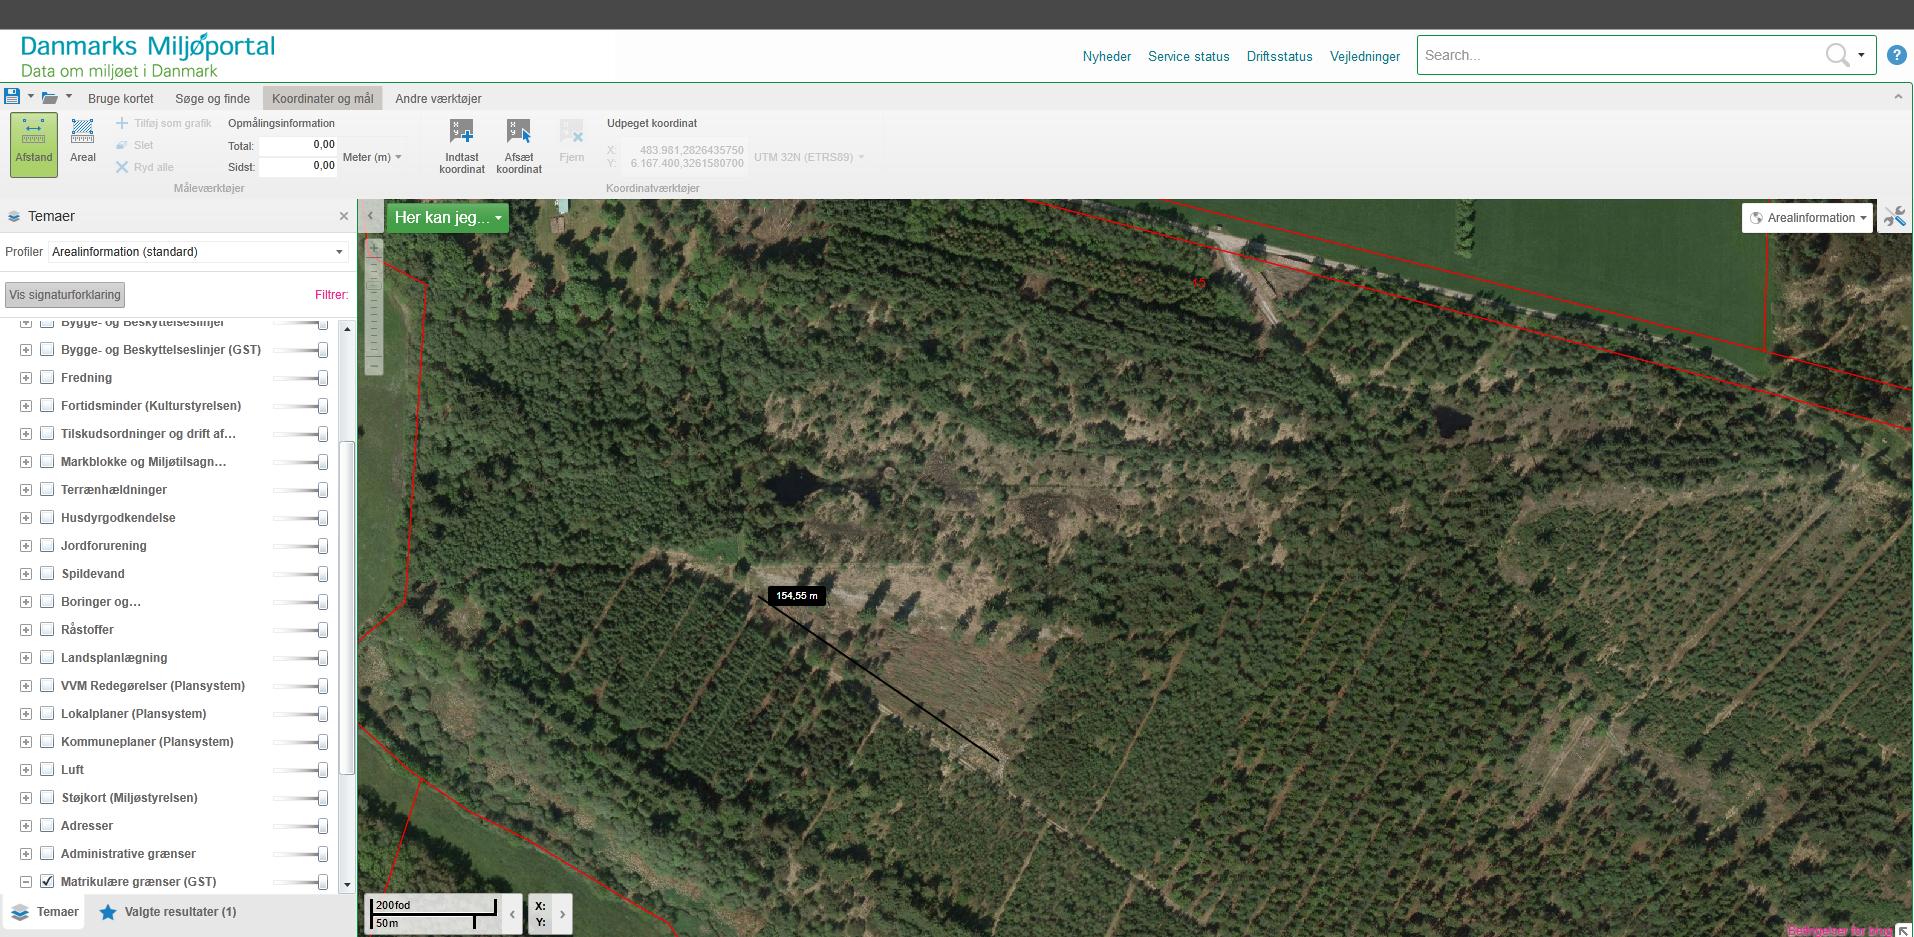 Billede 3, arealinfo afstandsmåler